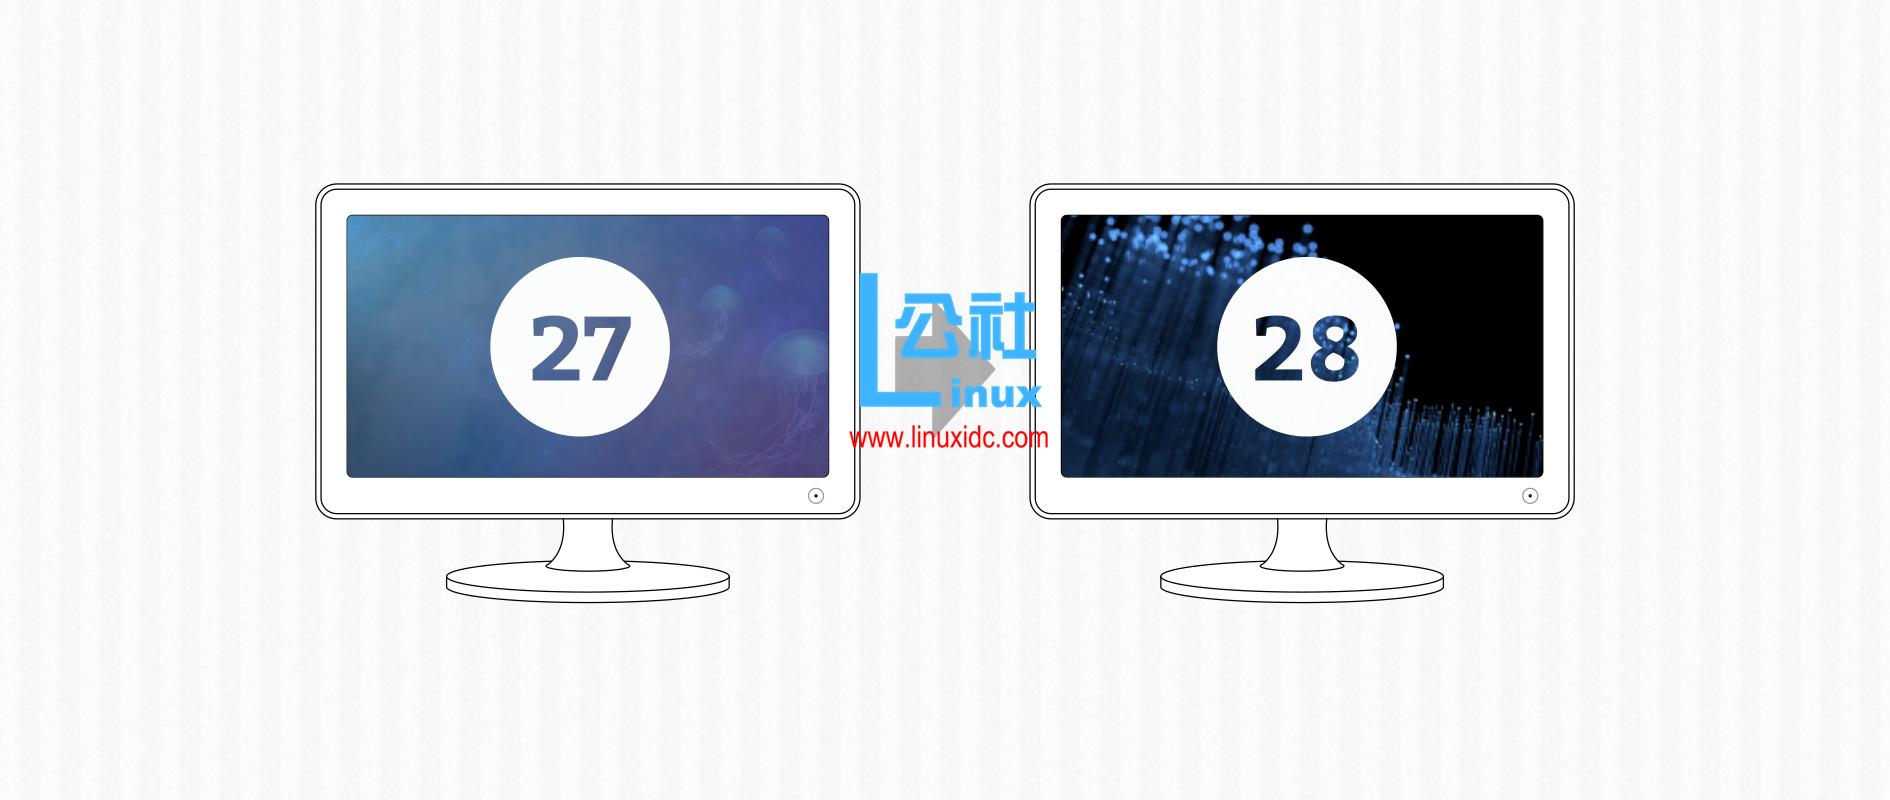 将Fedora 27升级到Fedora 28